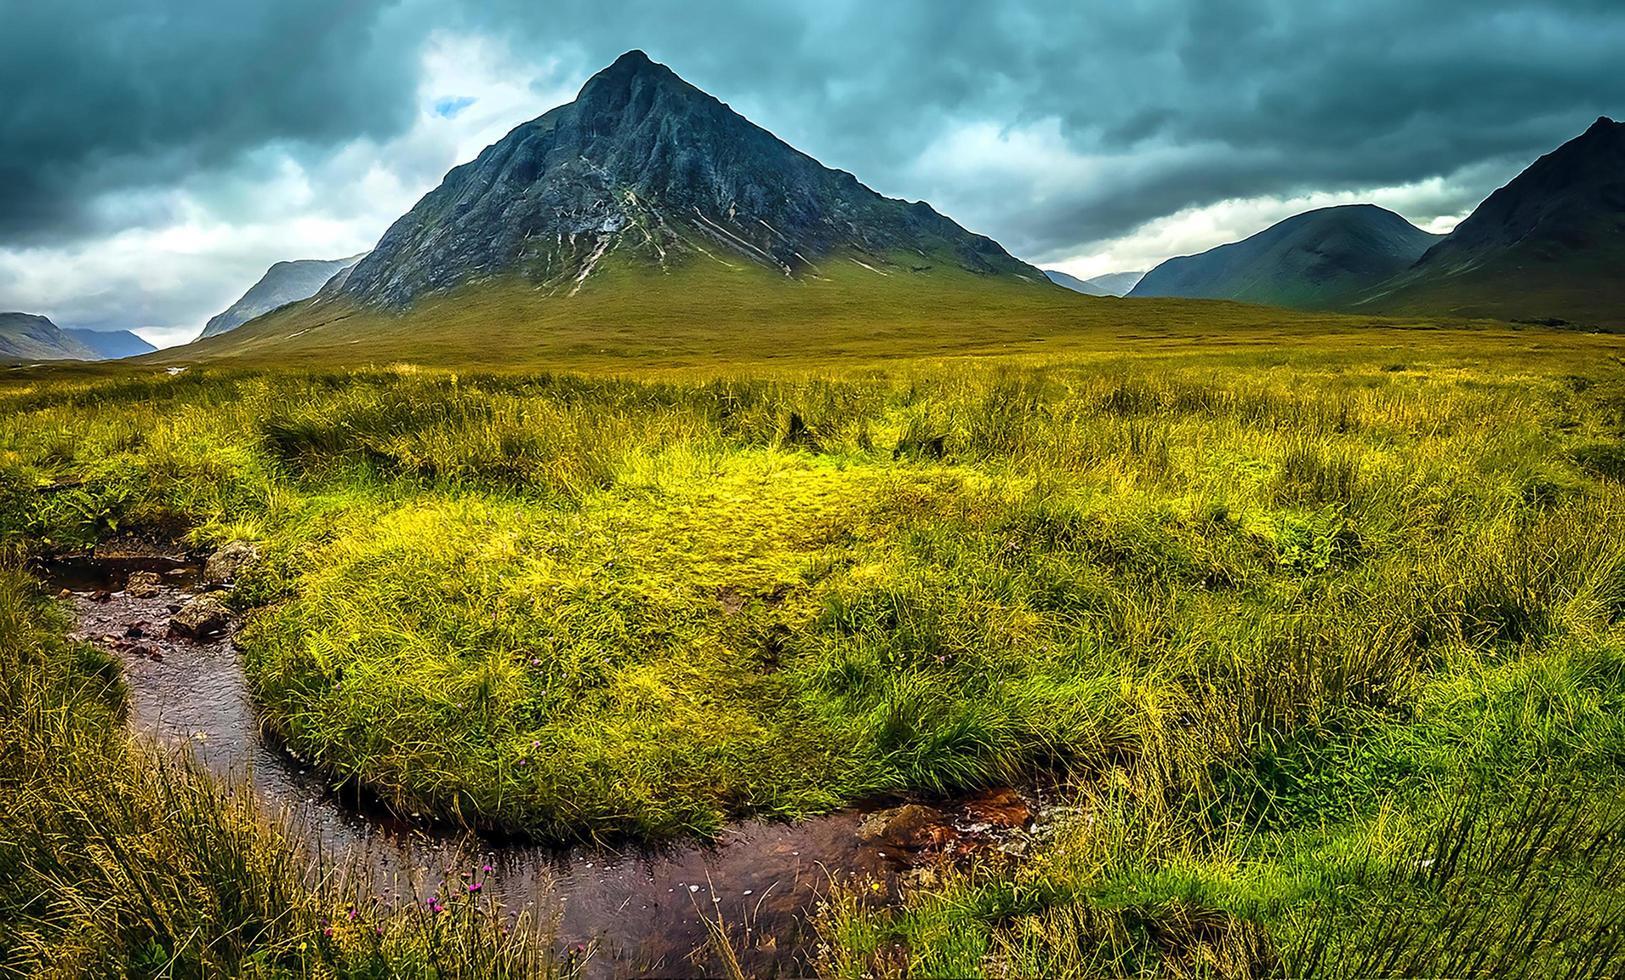 Berge und eine Wiese unter einem bewölkten Himmel foto